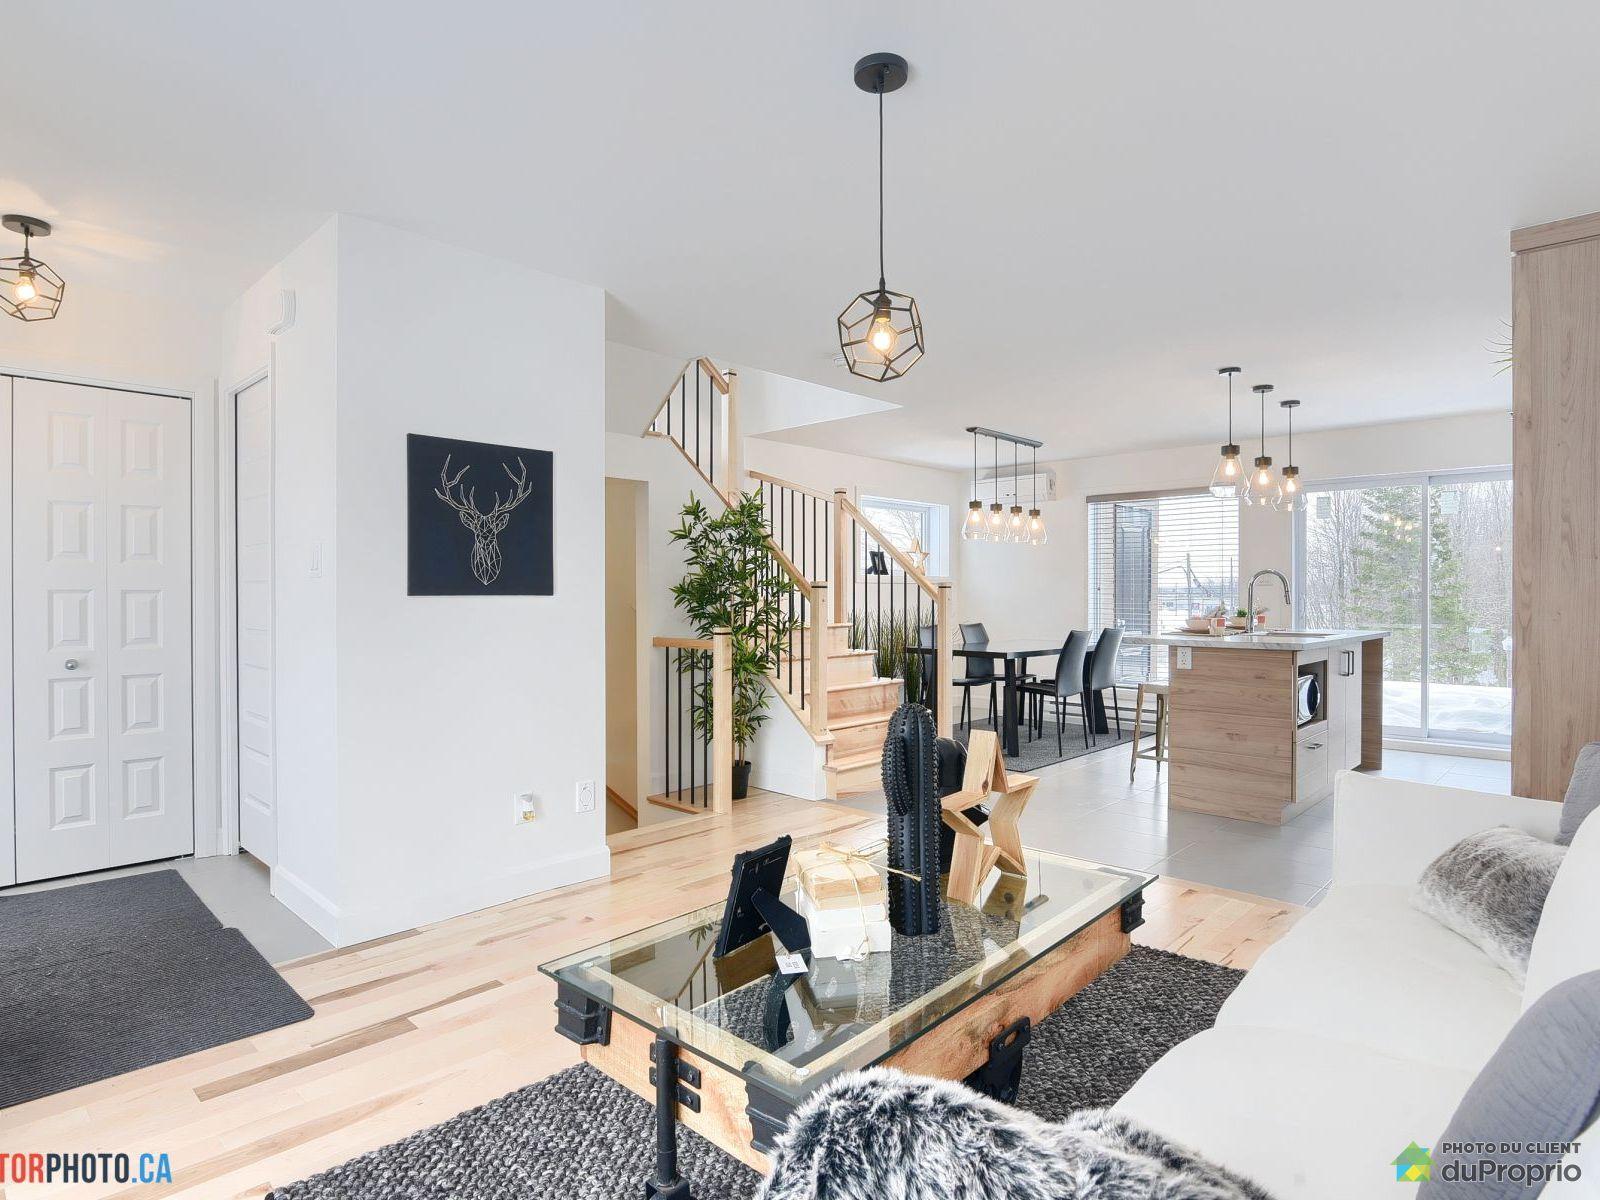 Aire ouverte - 5937, boulevard Saint-Jacques - Hameau Saint-Jacques (modèle 3 étages), Neufchatel à vendre